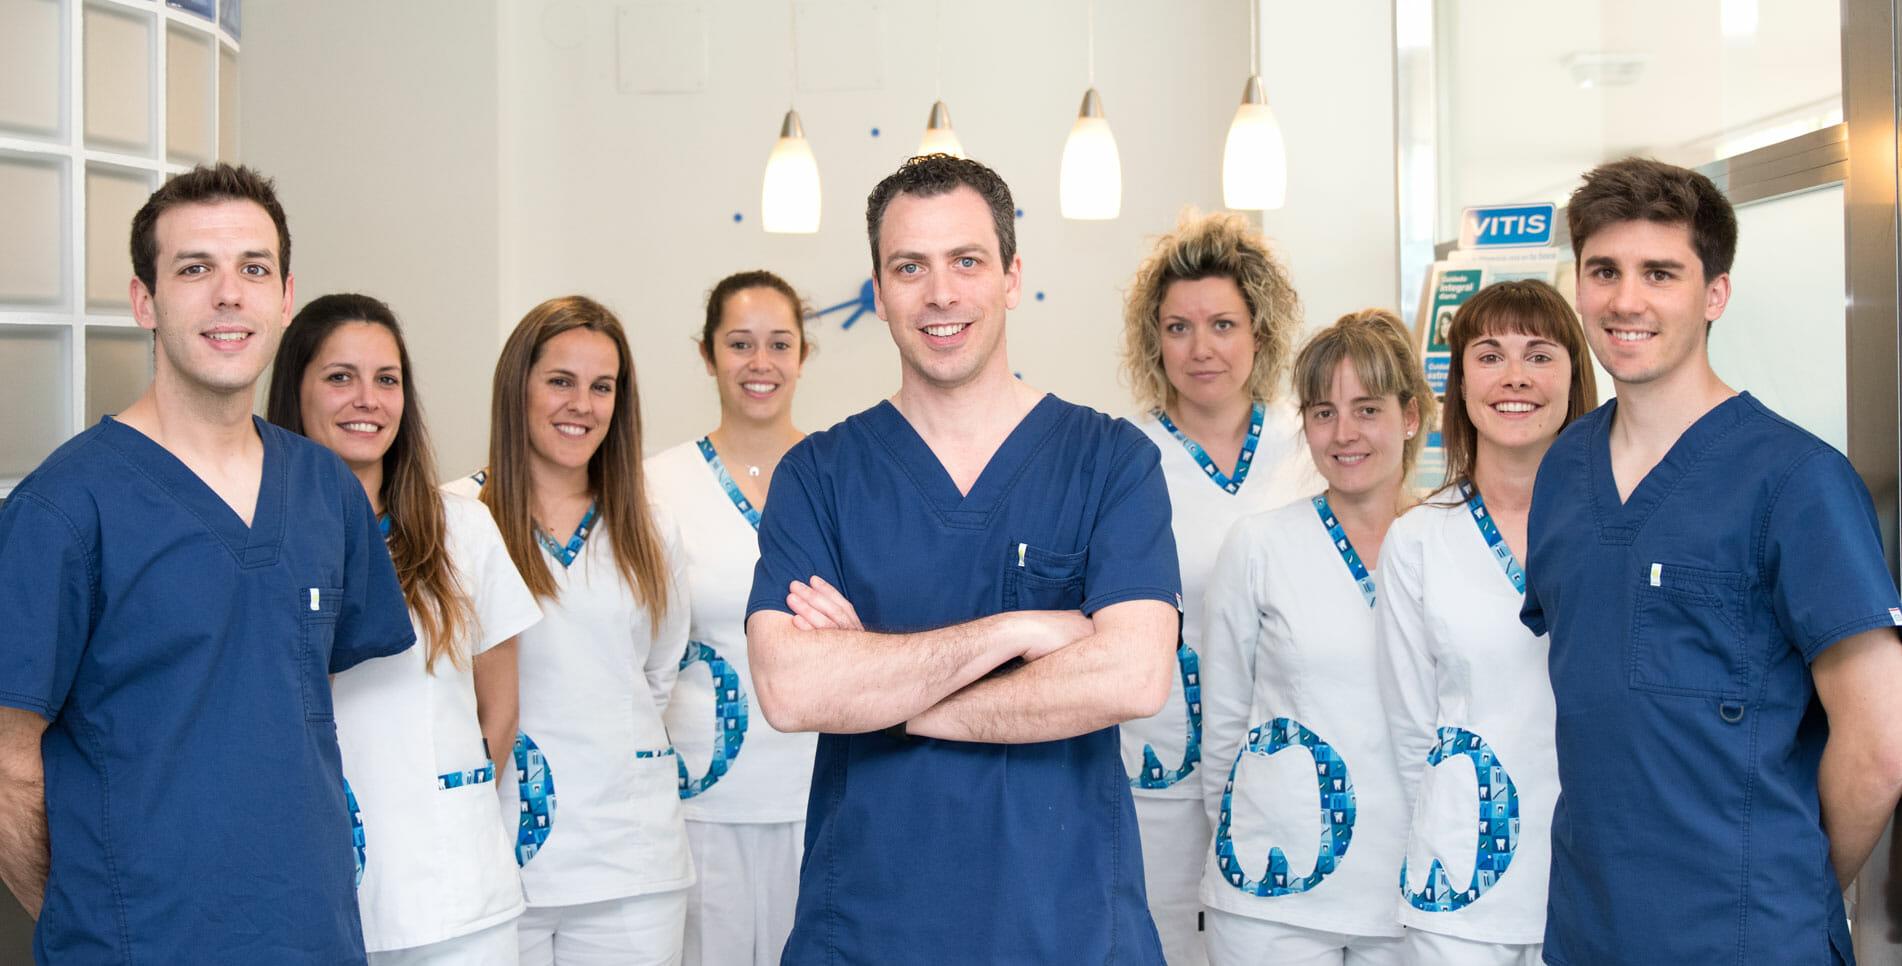 Equipo. Alaia Clinica Dental. Hernani. Gipuzkoa